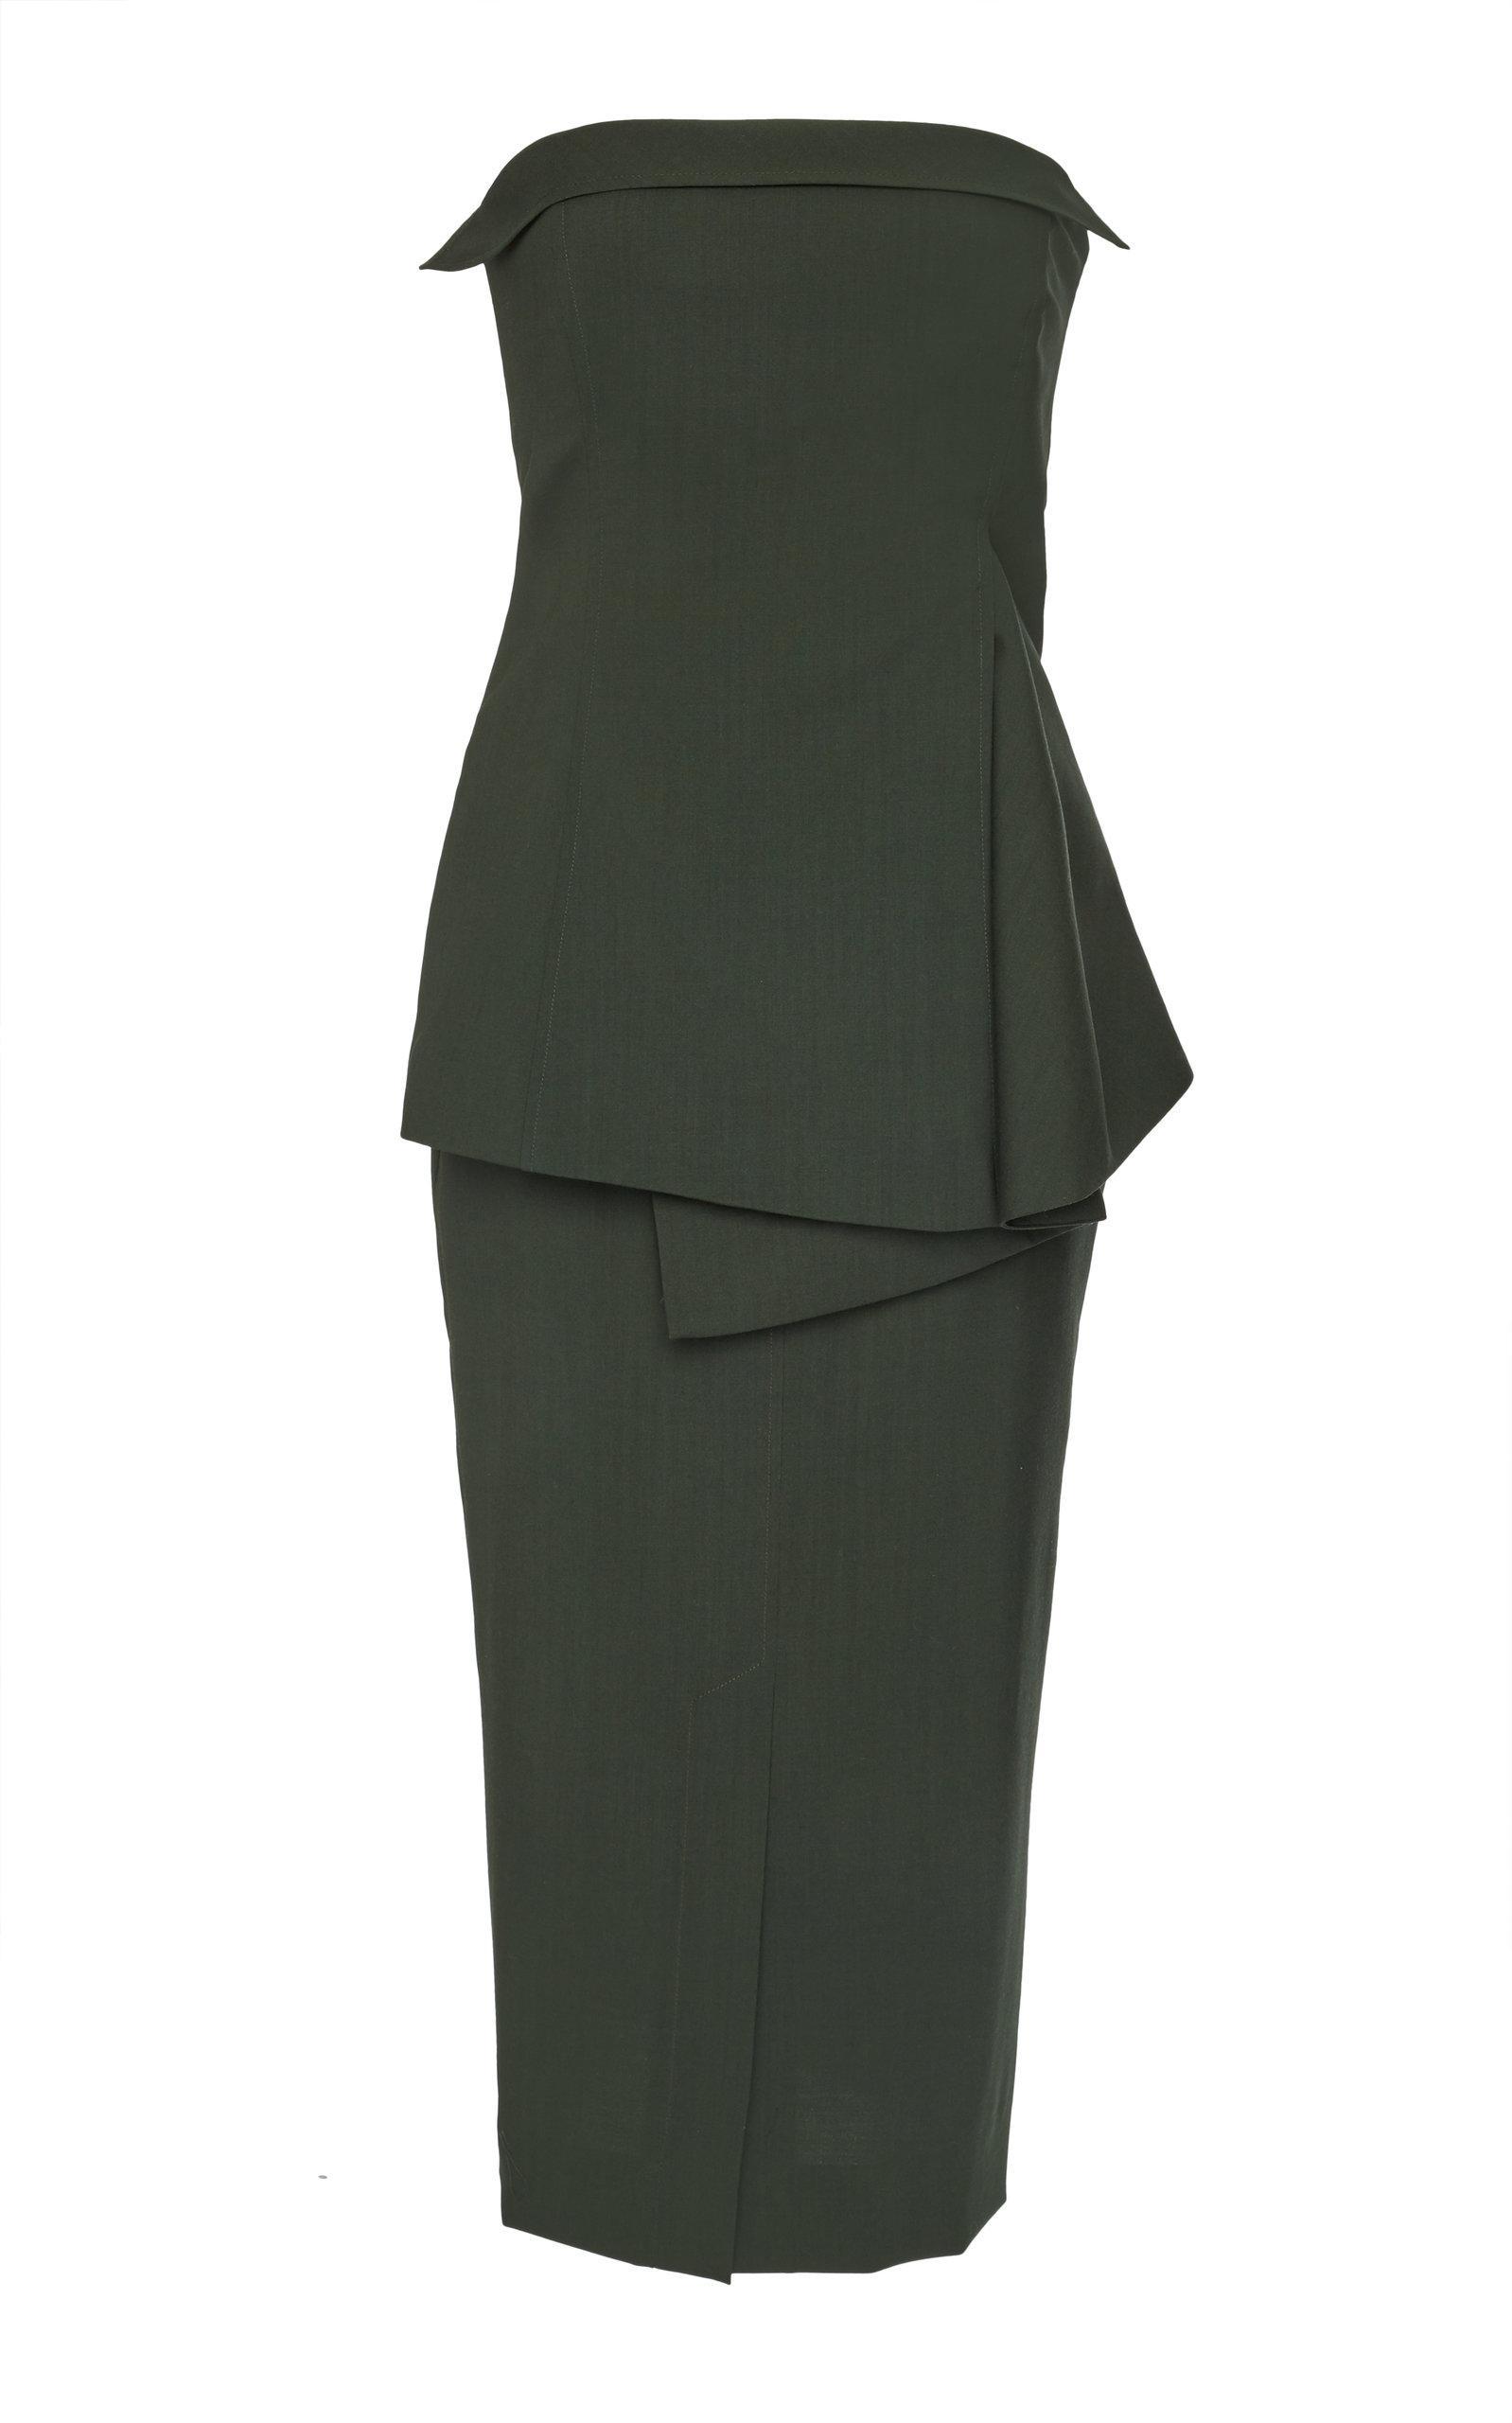 Adeam Bustier Dress In Green